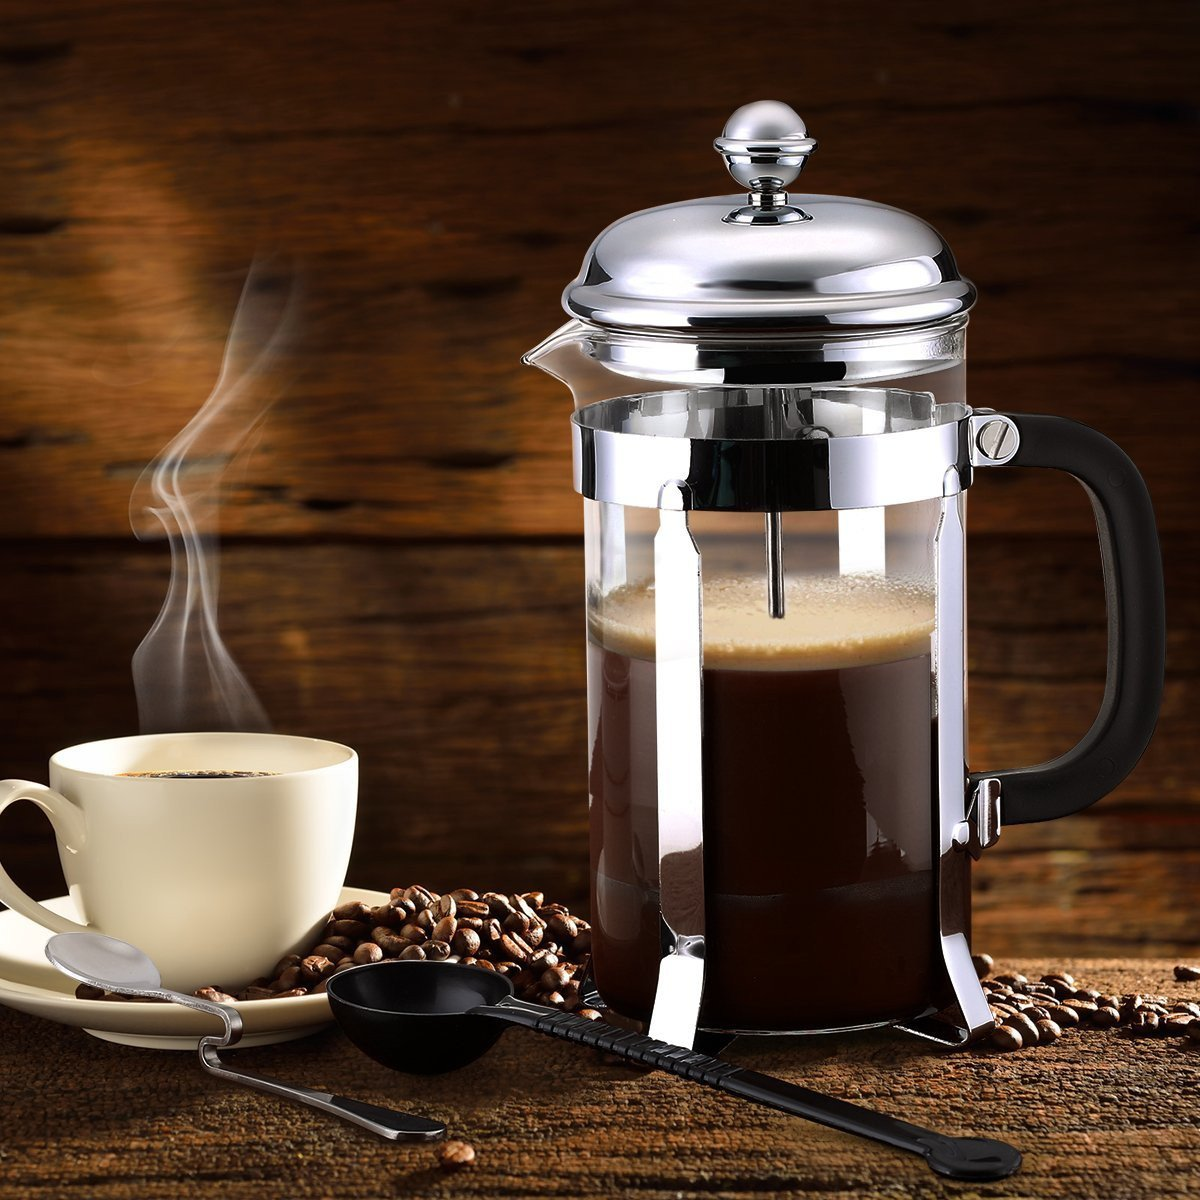 Как заваривать кофе в френч-прессе: пошаговая инструкция